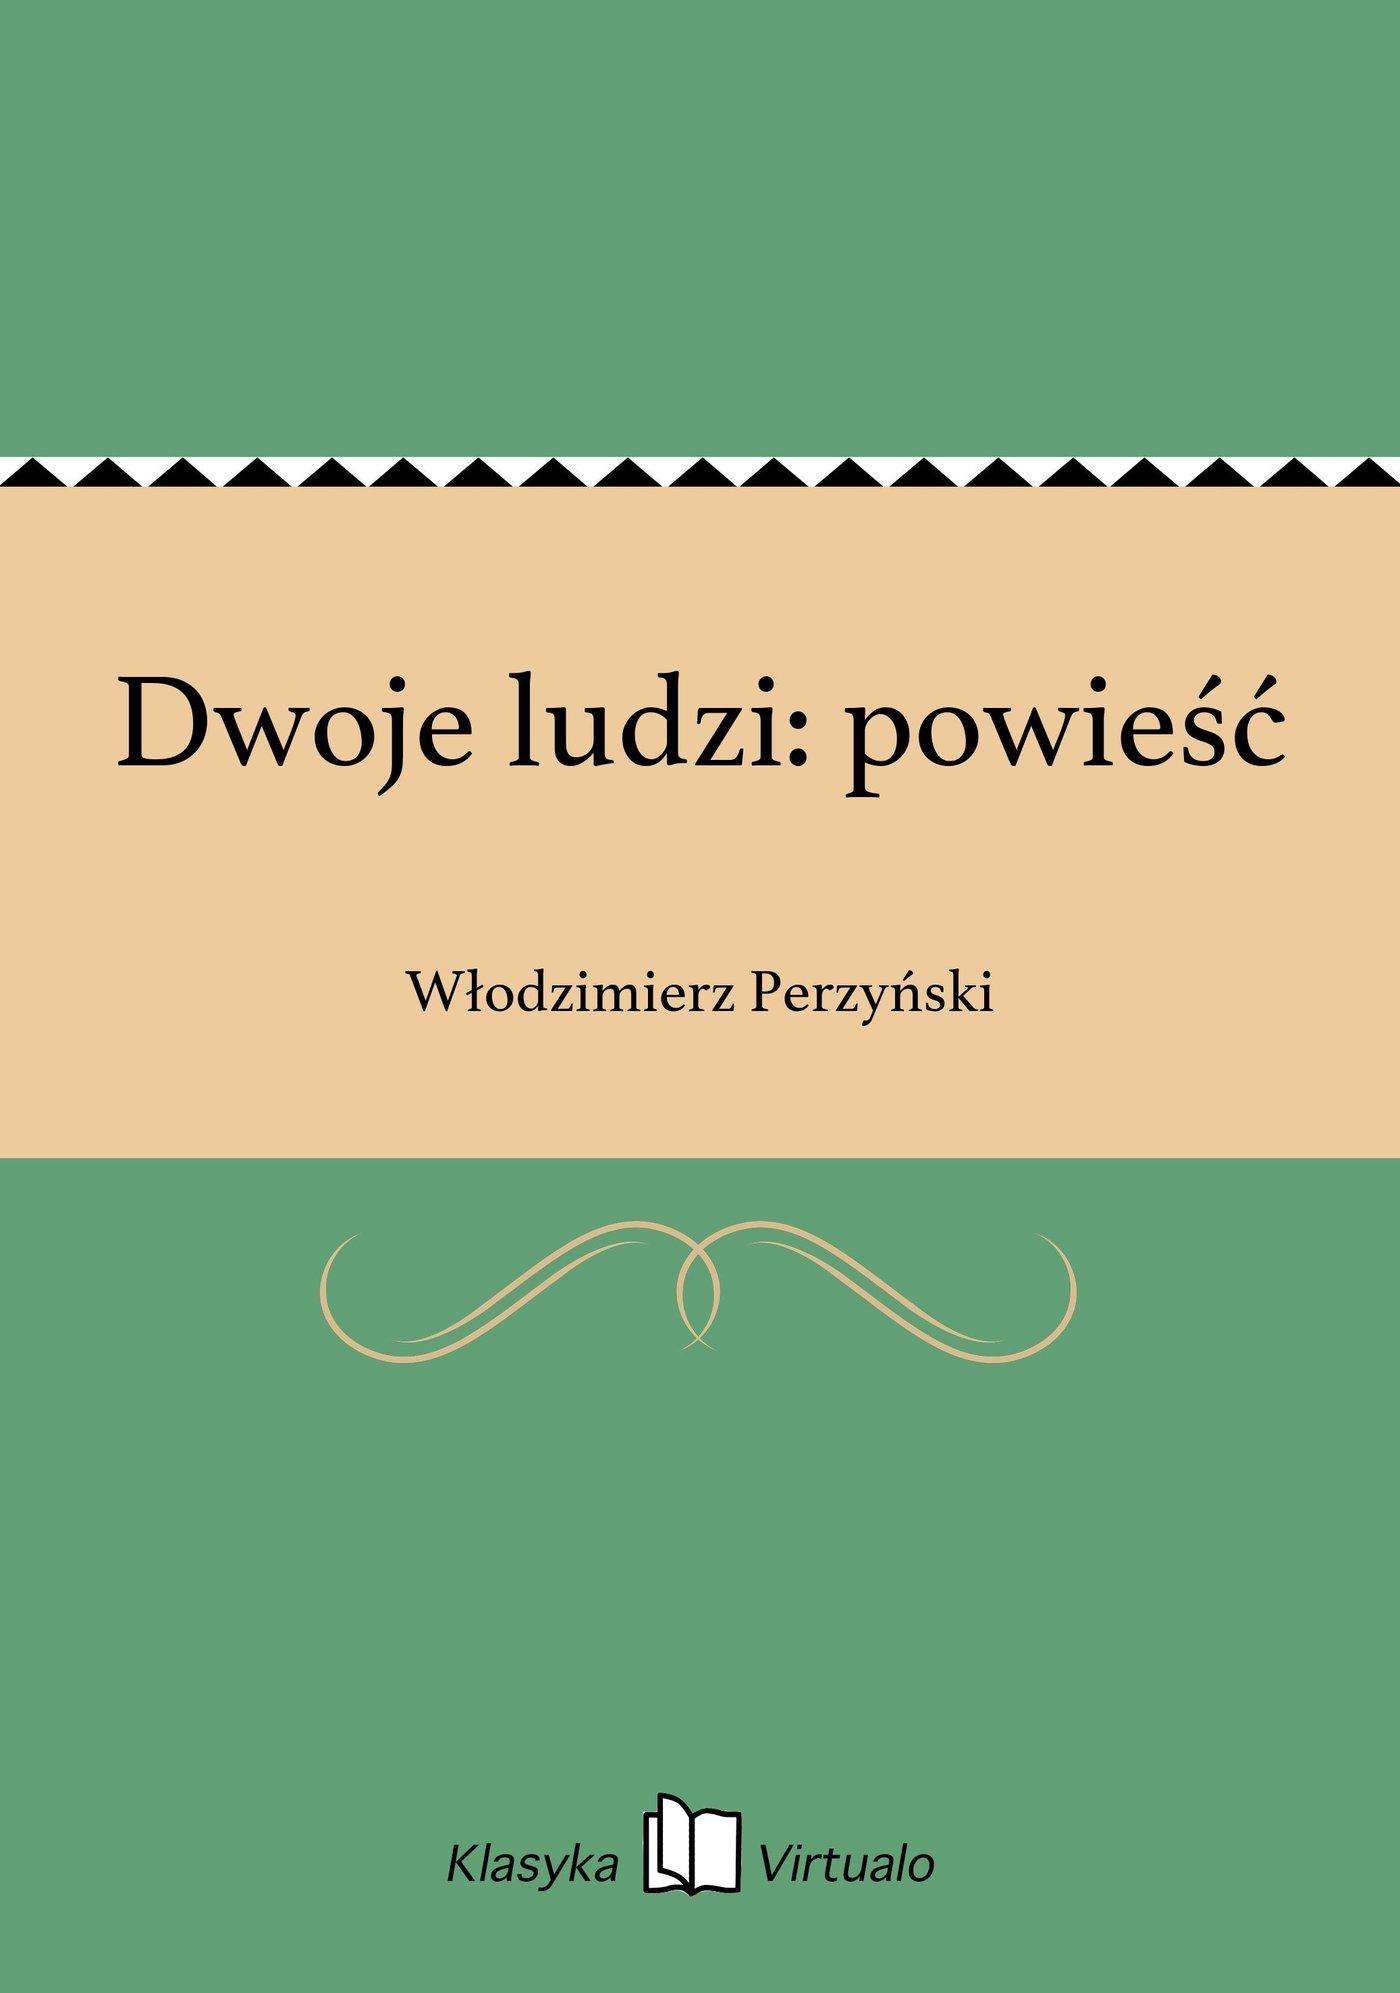 Dwoje ludzi: powieść - Ebook (Książka EPUB) do pobrania w formacie EPUB